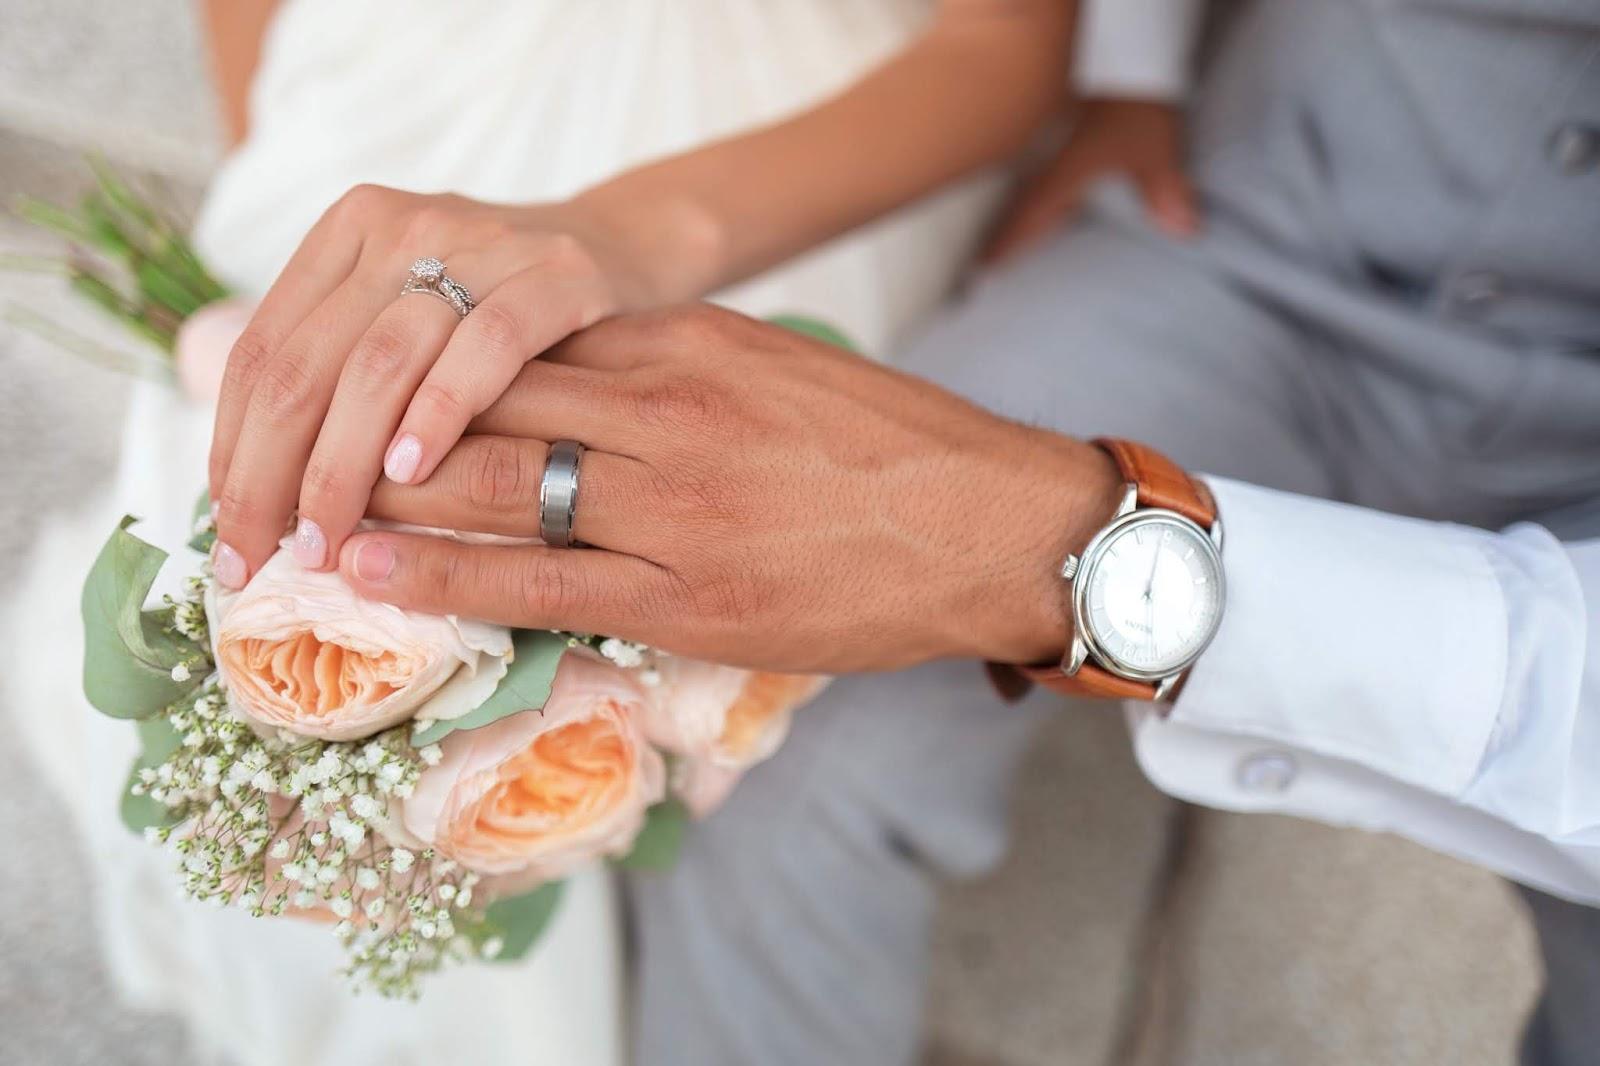 Ο γάμος… χρόνια δεν κοιτά στην Ξάνθη